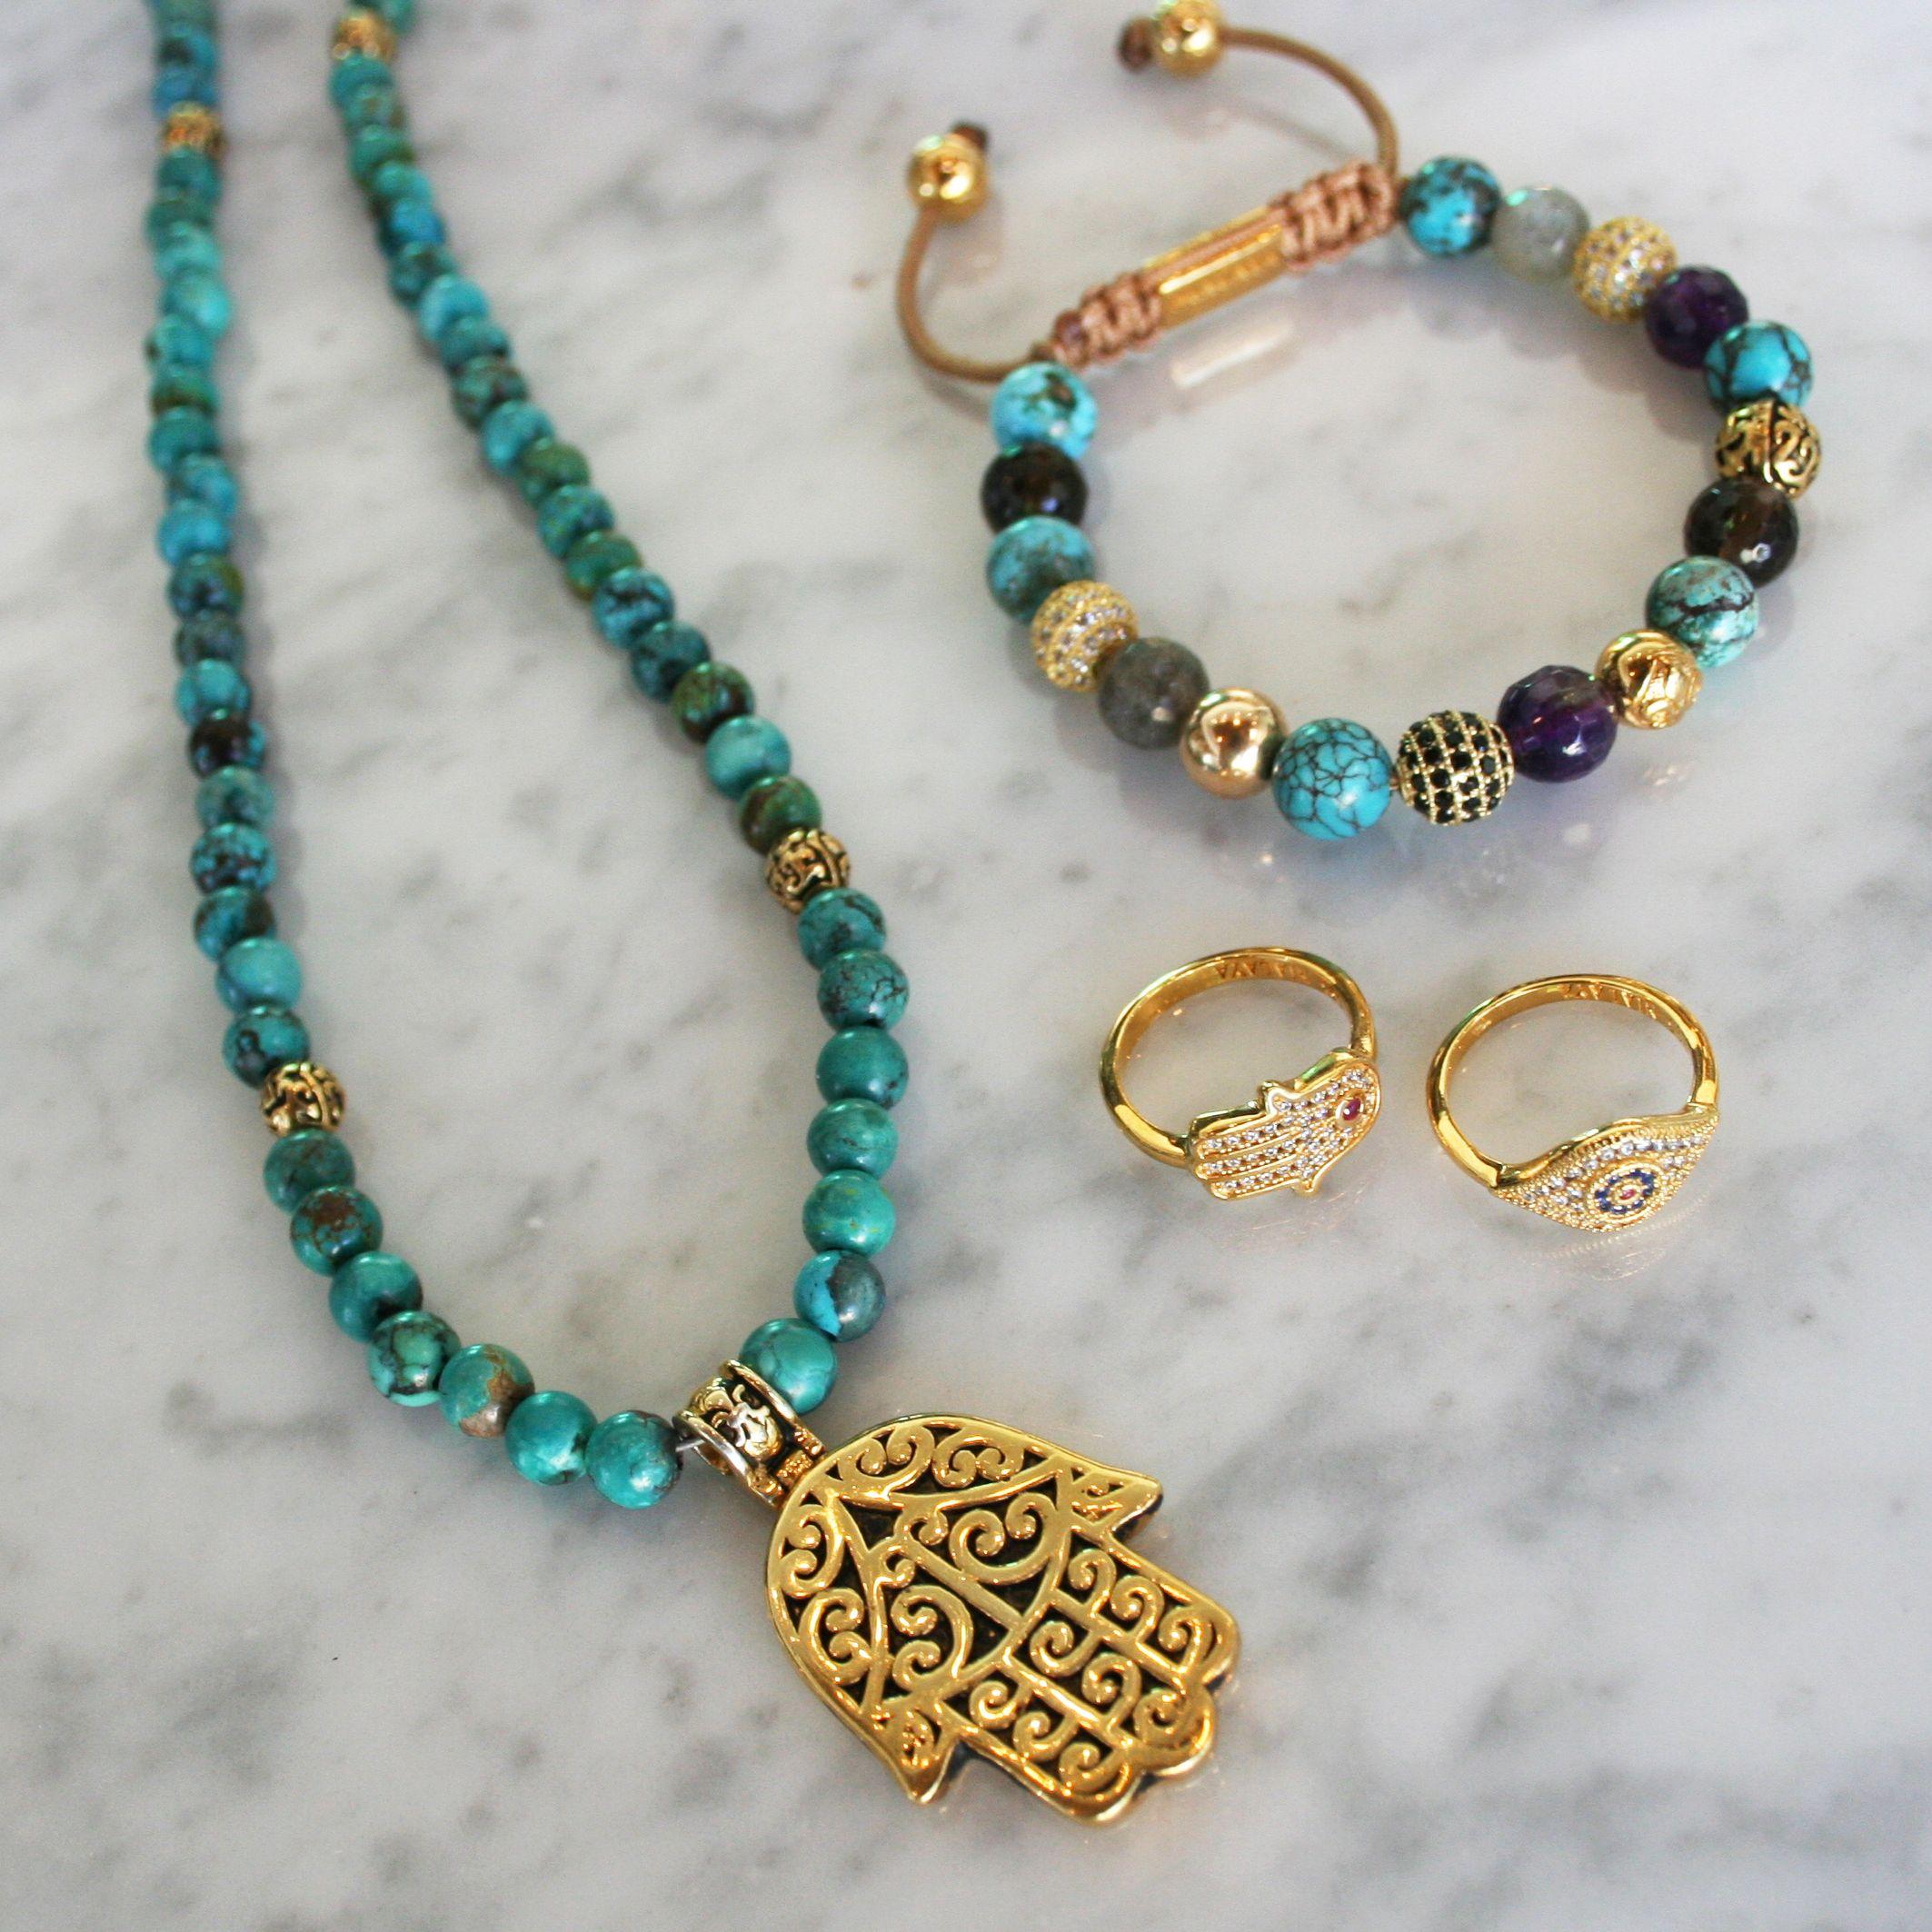 Our spiritual hamsa jewelry. Bautiful combination of turqouise and gold. #nialaya #jewelry